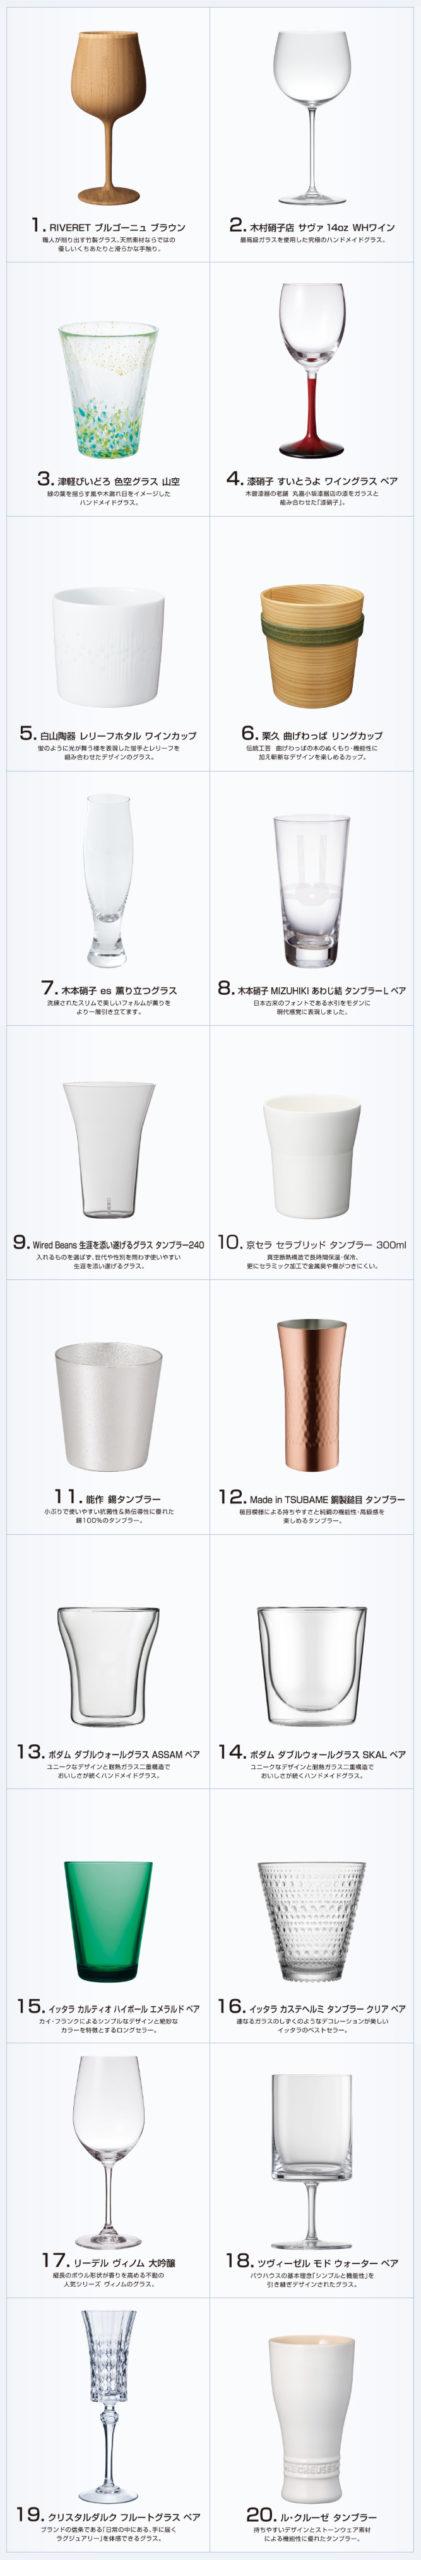 キリン生茶 感動グラス懸賞キャンペーン2020春 プレゼント懸賞品